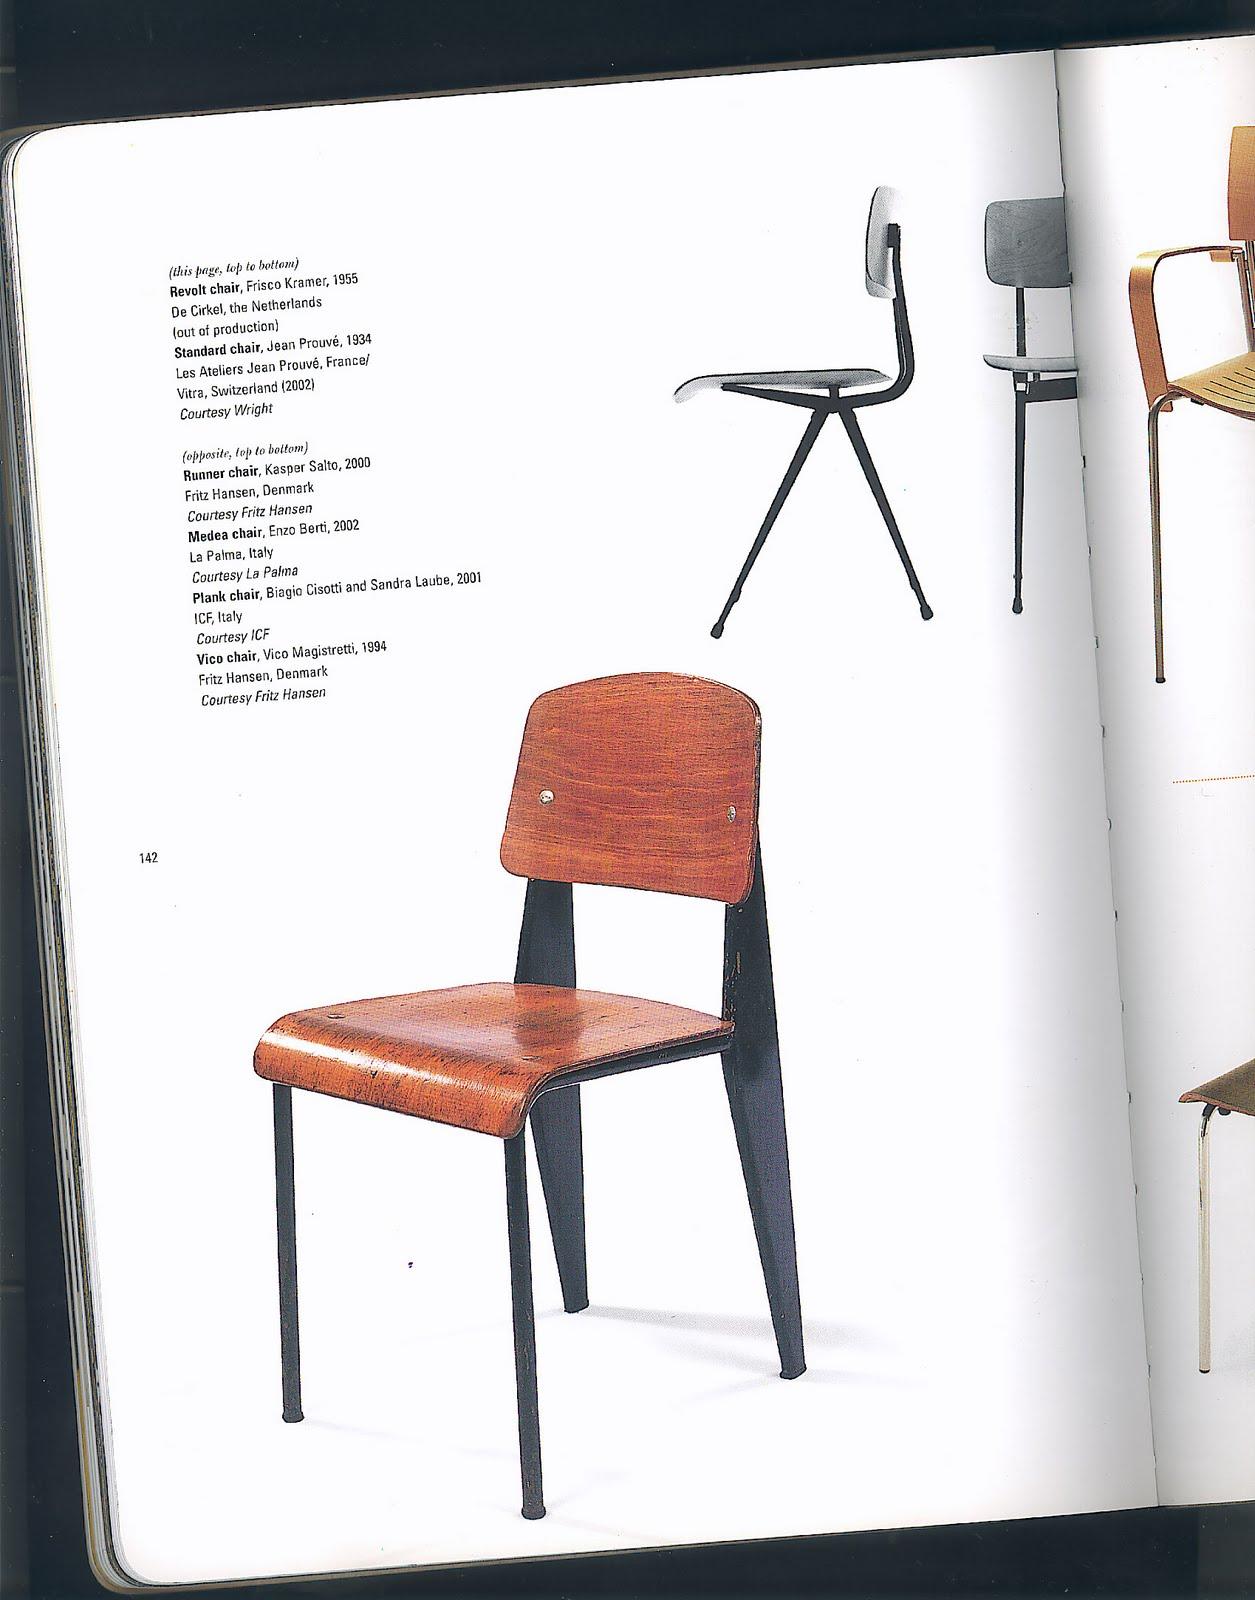 Sd mudito edicions los libros de muebles libros sobre for Libros de muebles de madera